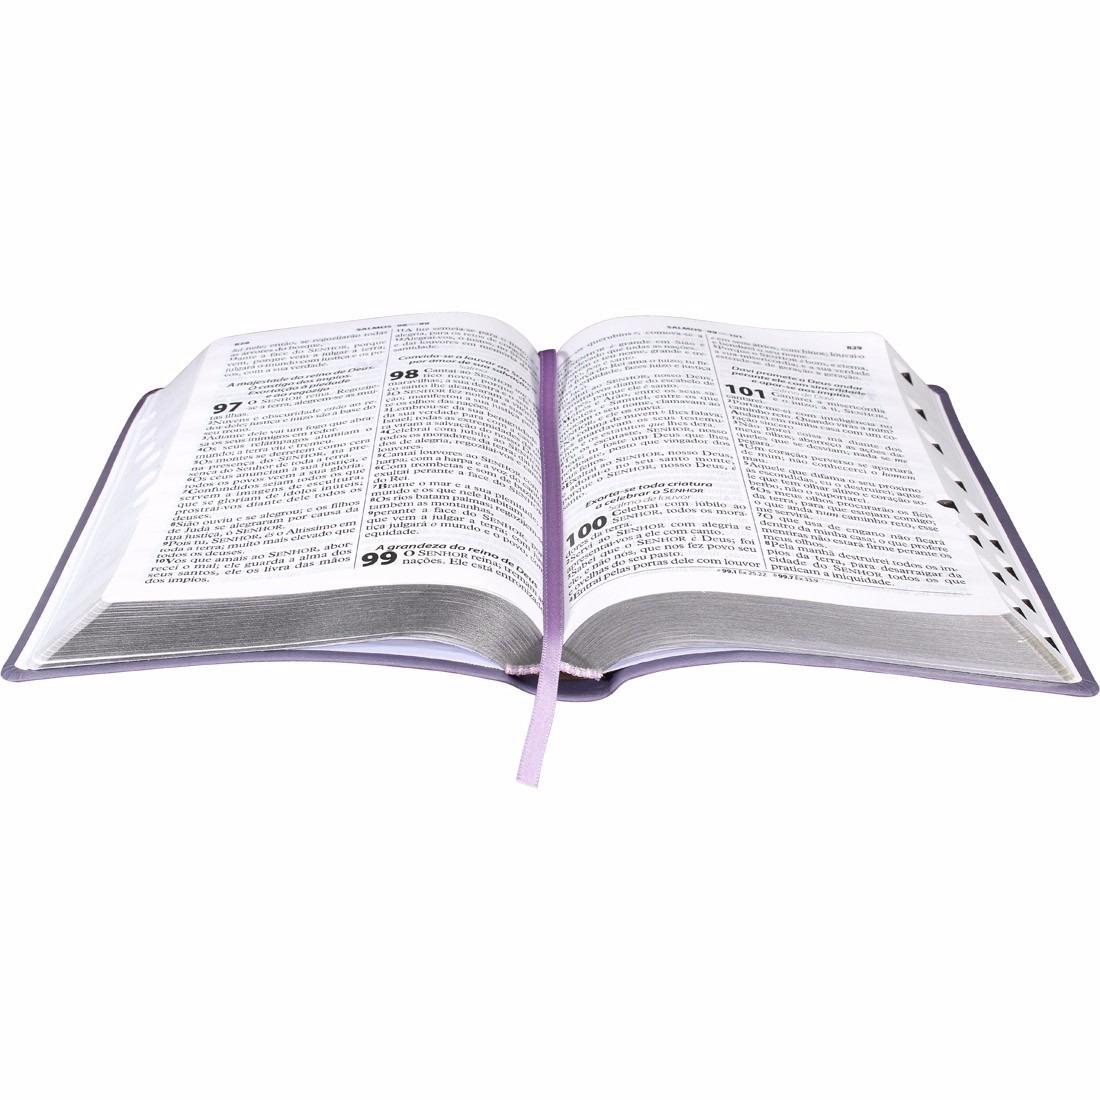 Biblia Sagrada Feminina Evangelica Grande Com Indice Violeta R 59 90 Em Mercado Livre